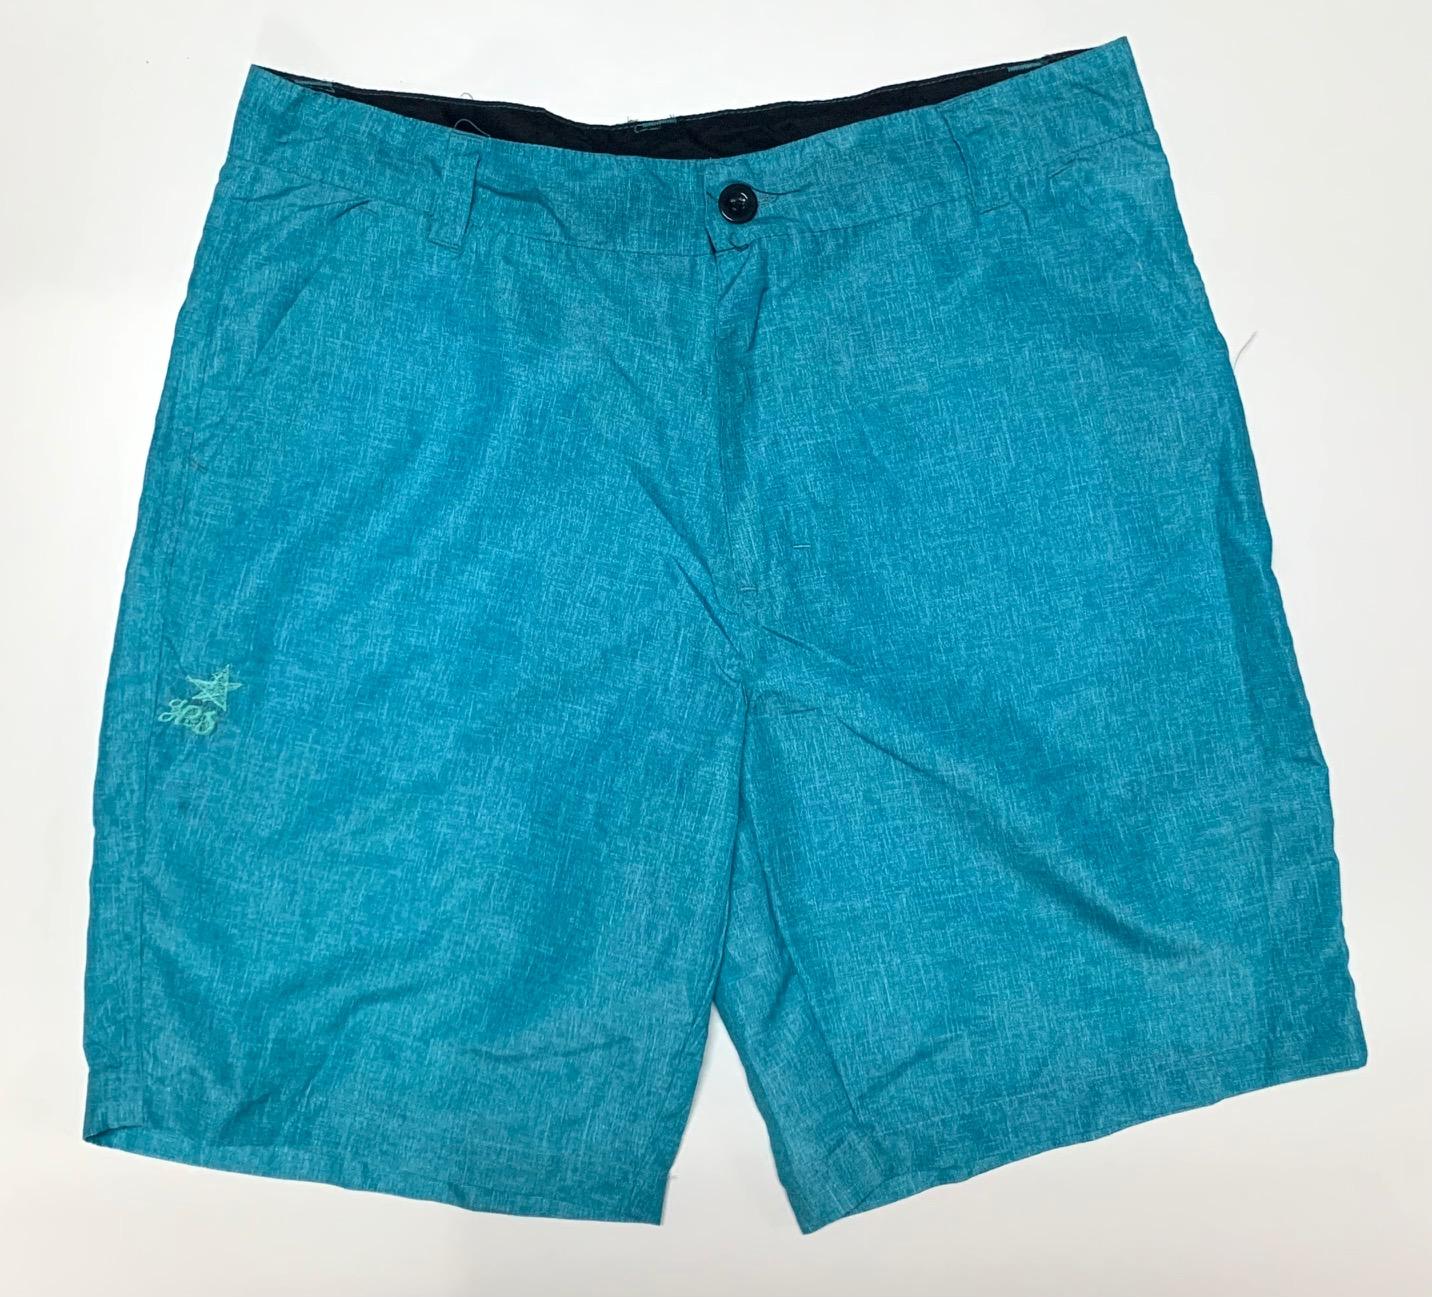 Трендовые шорты мужские голубого цвета